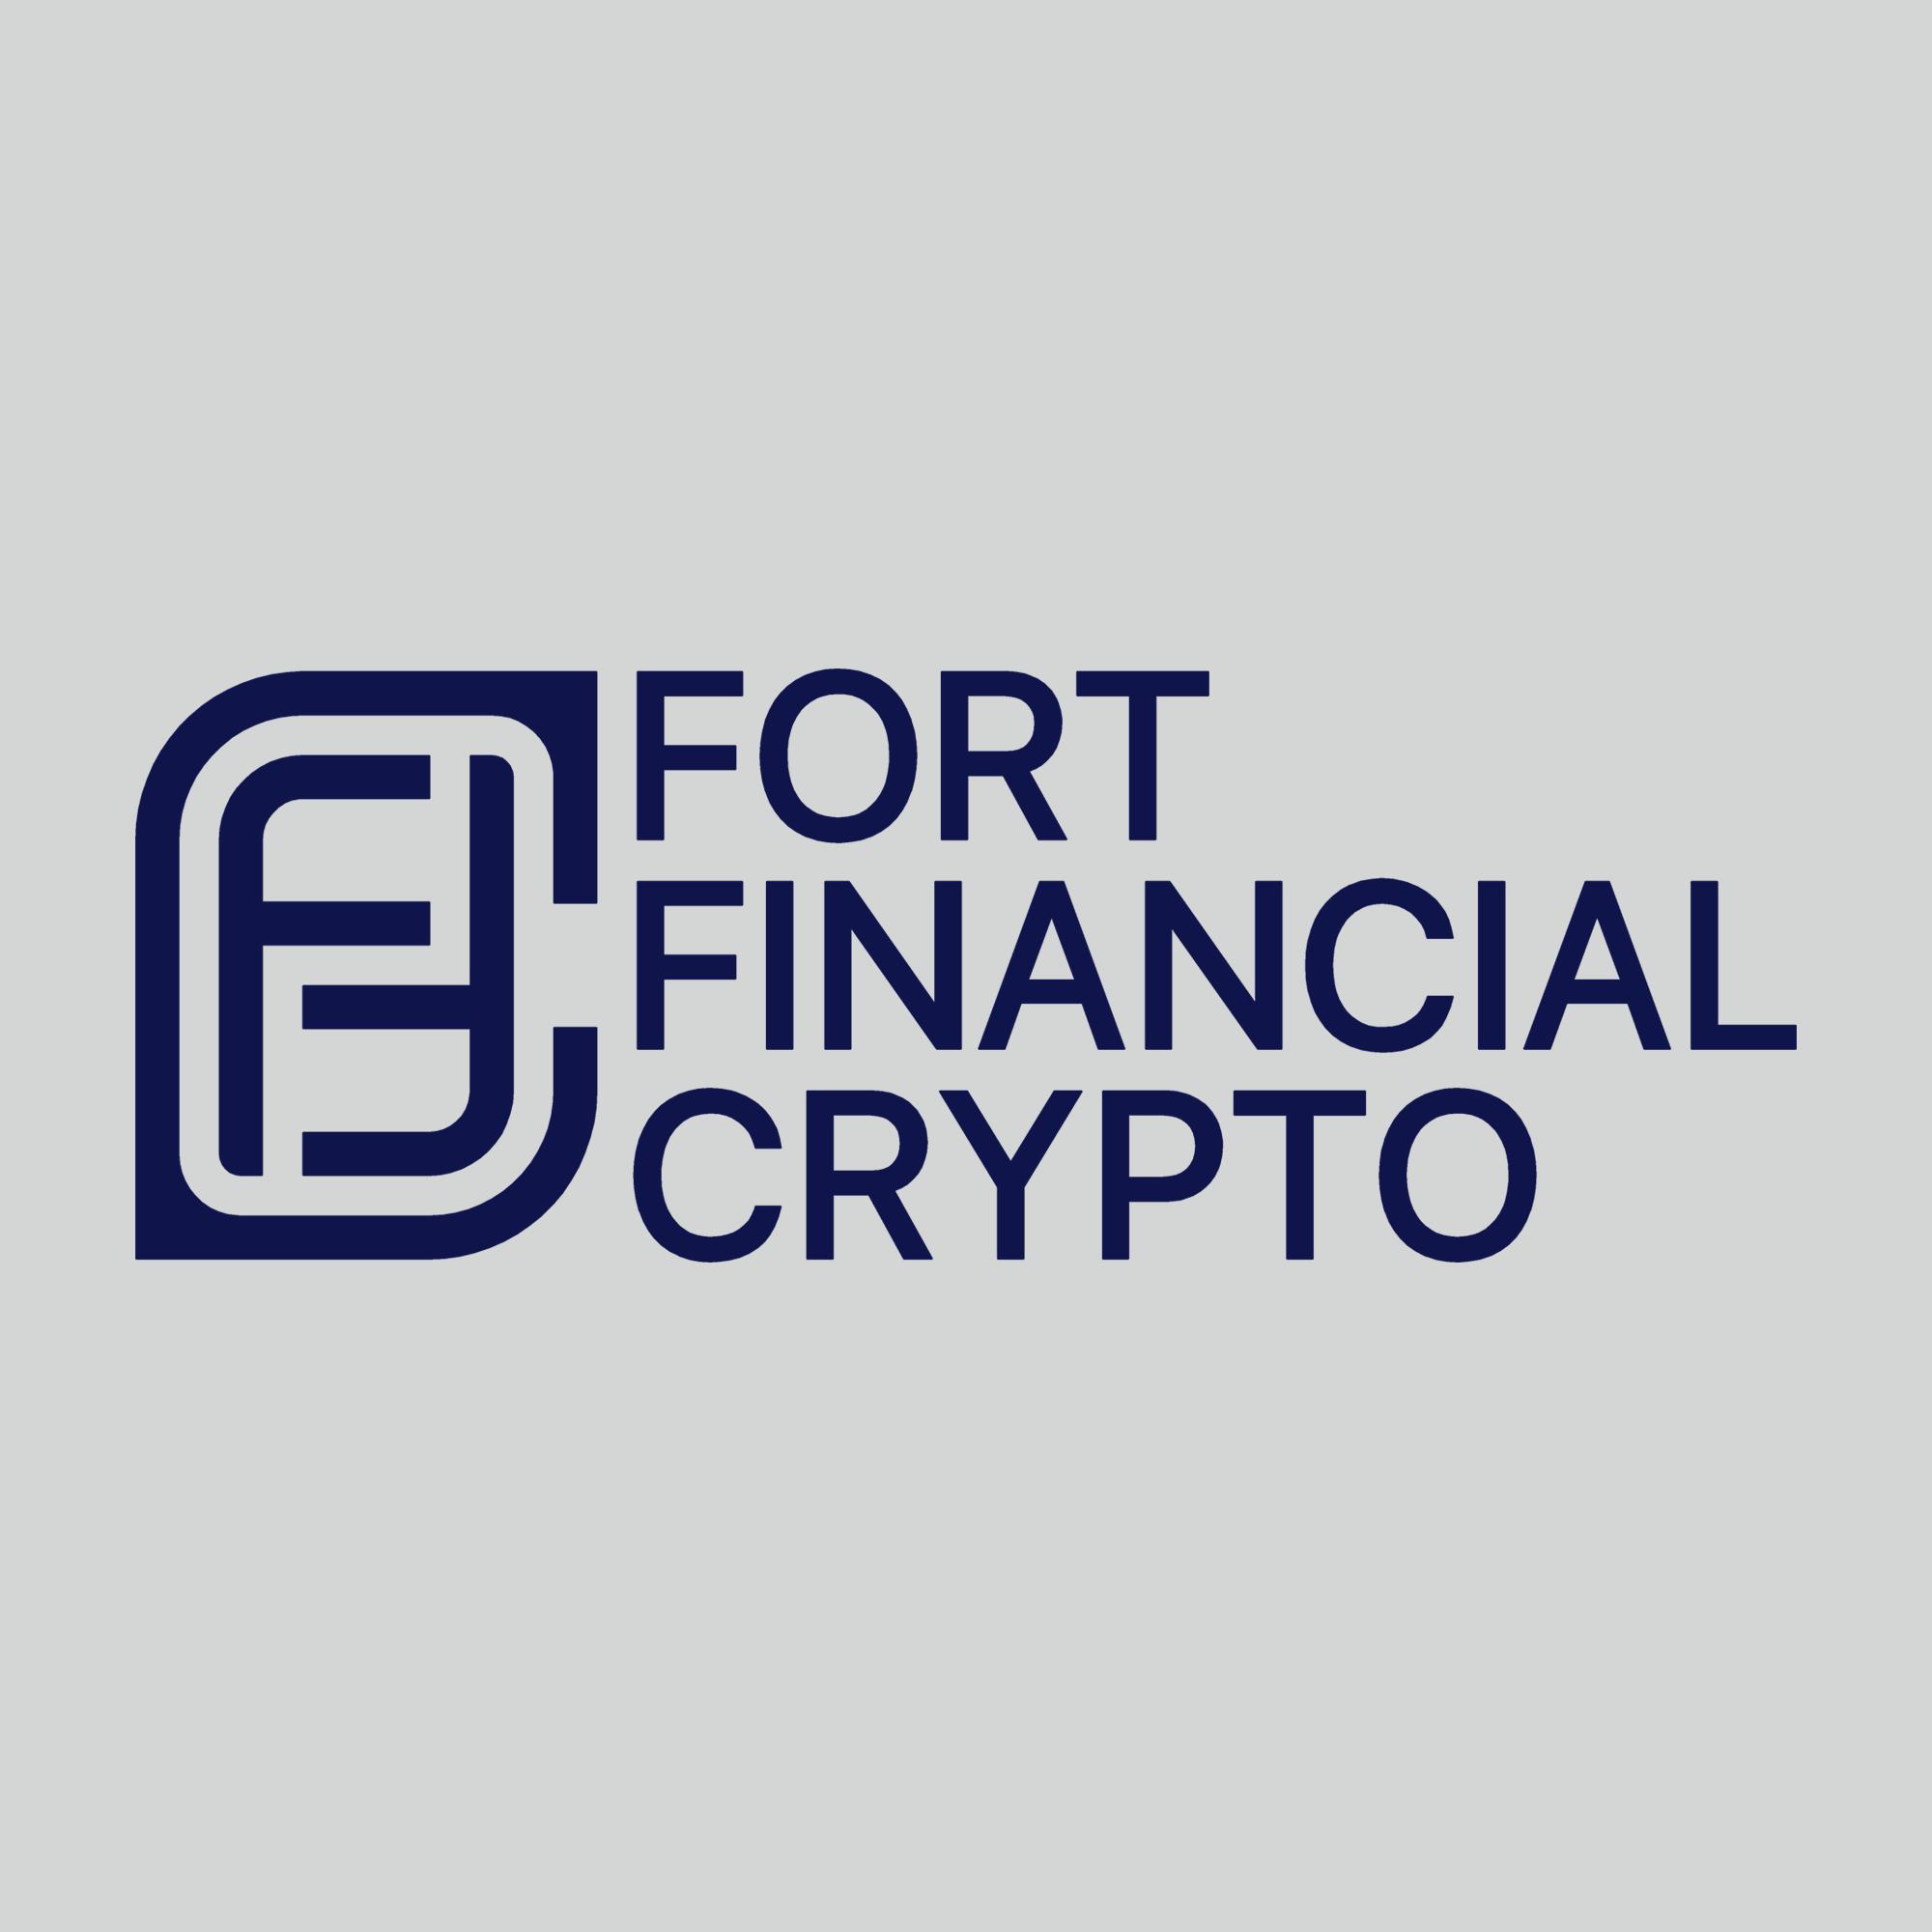 Разработка логотипа финансовой компании фото f_7095a91a62c00e07.png